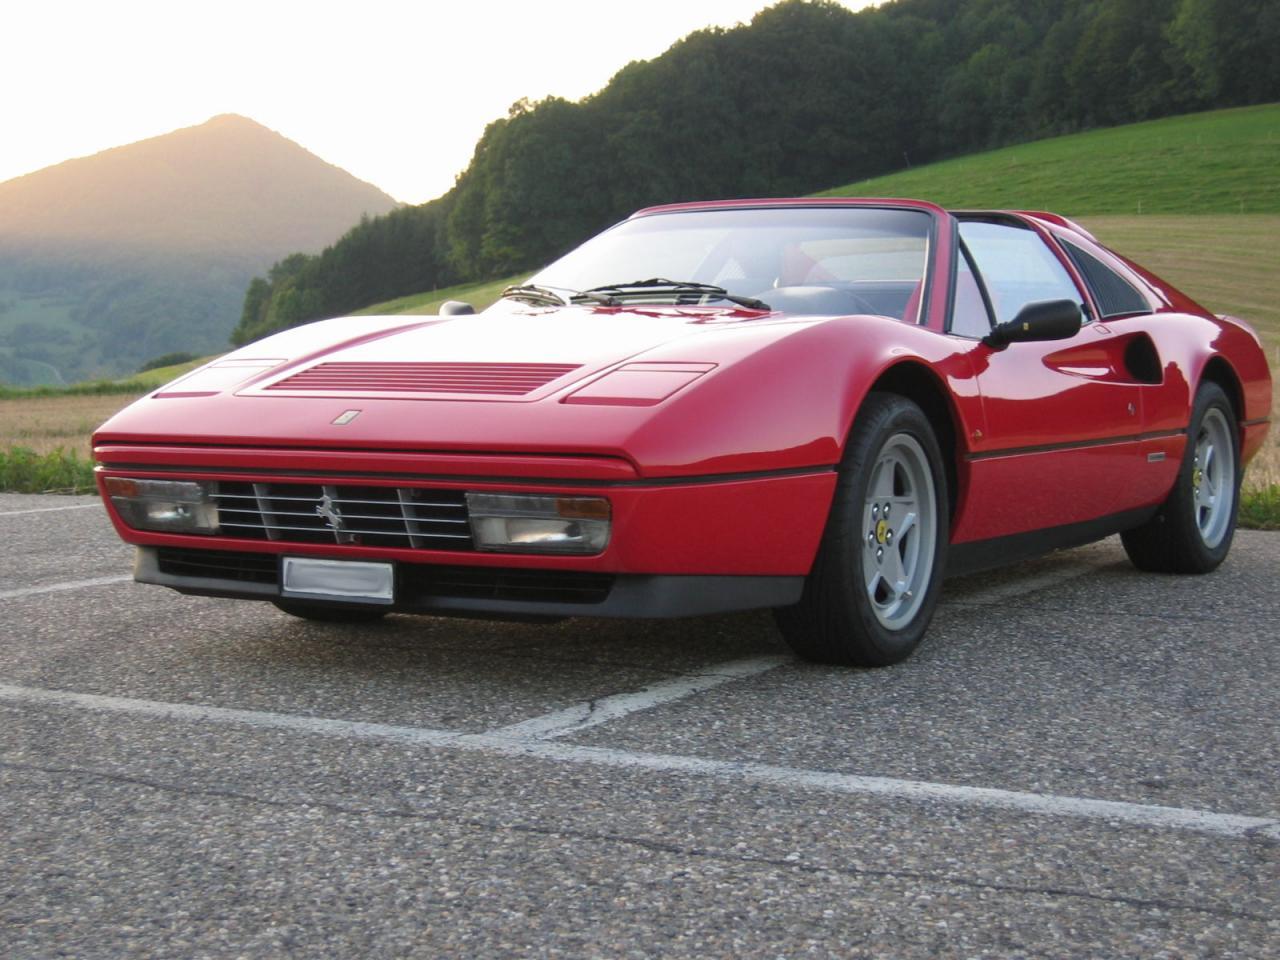 Fahrzeug bezeichnung ferrari 328 gts baujahr 1985 hersteller ferrari